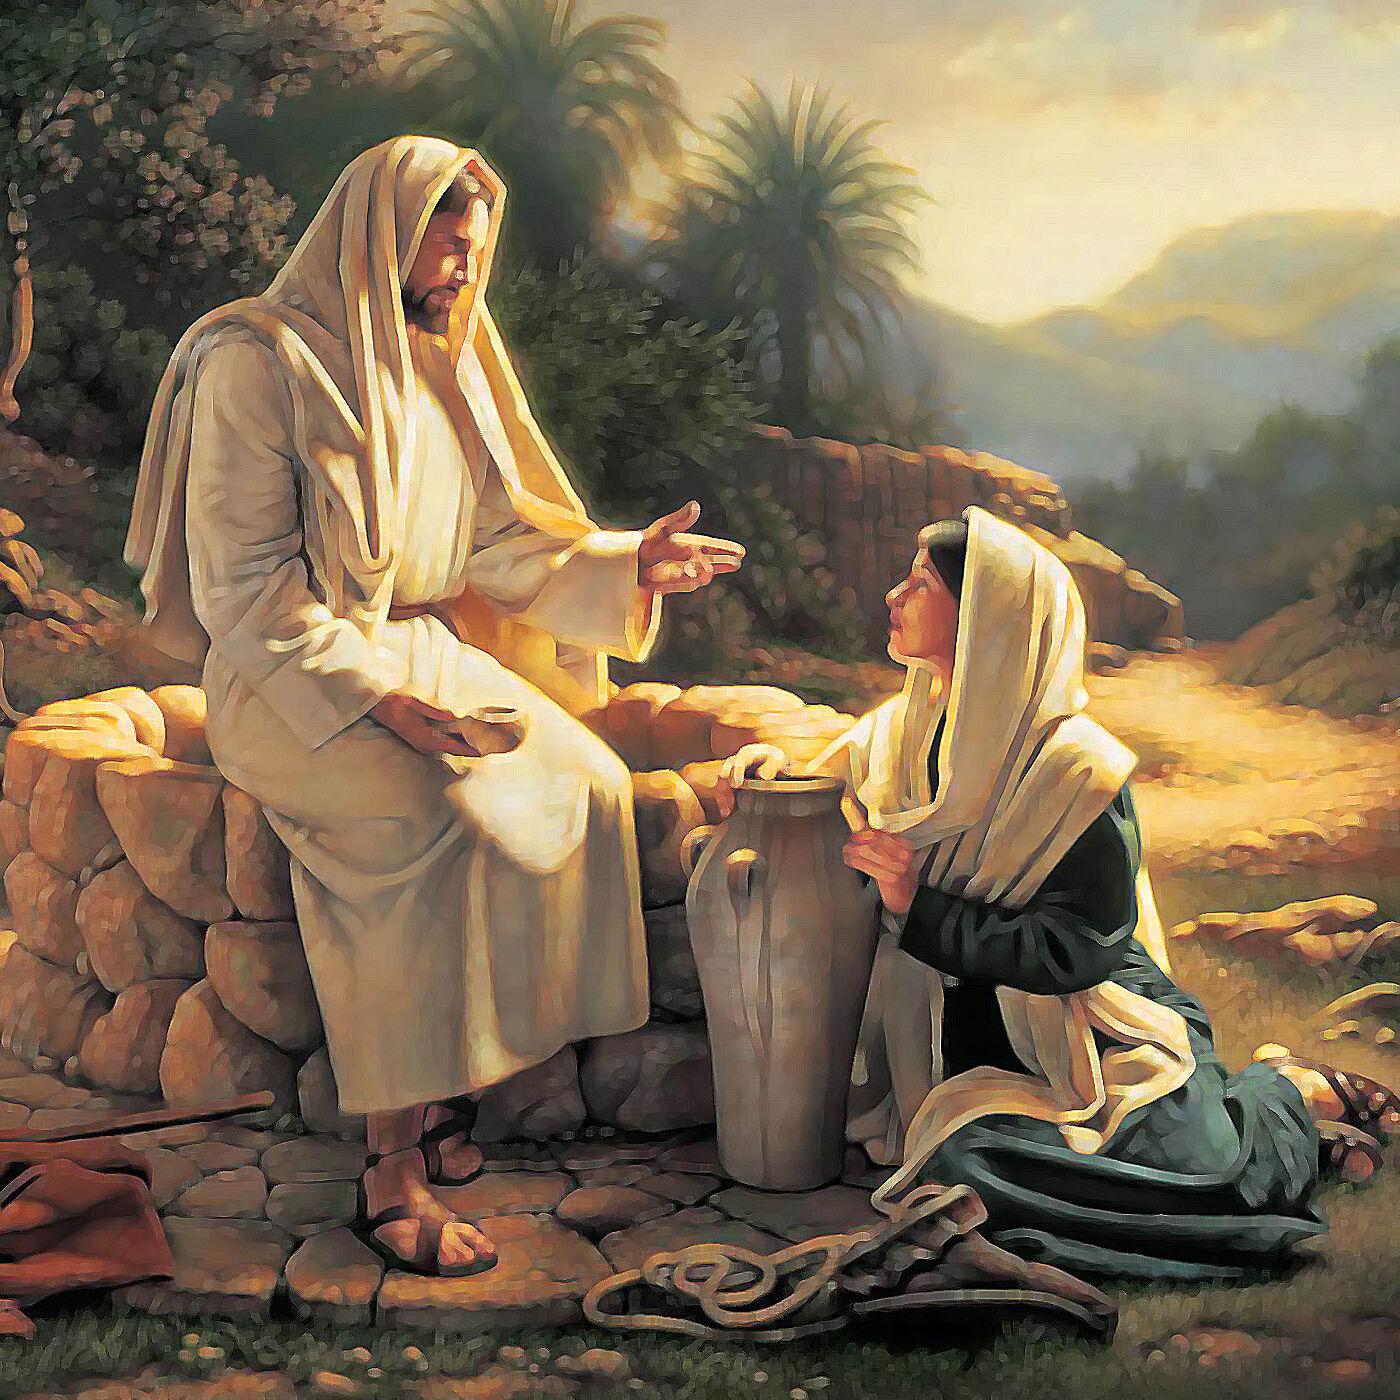 riflessioni sul Vangelo di Lunedì 19 Ottobre 2020 (Lc 12, 13-21) - Apostola Kalin